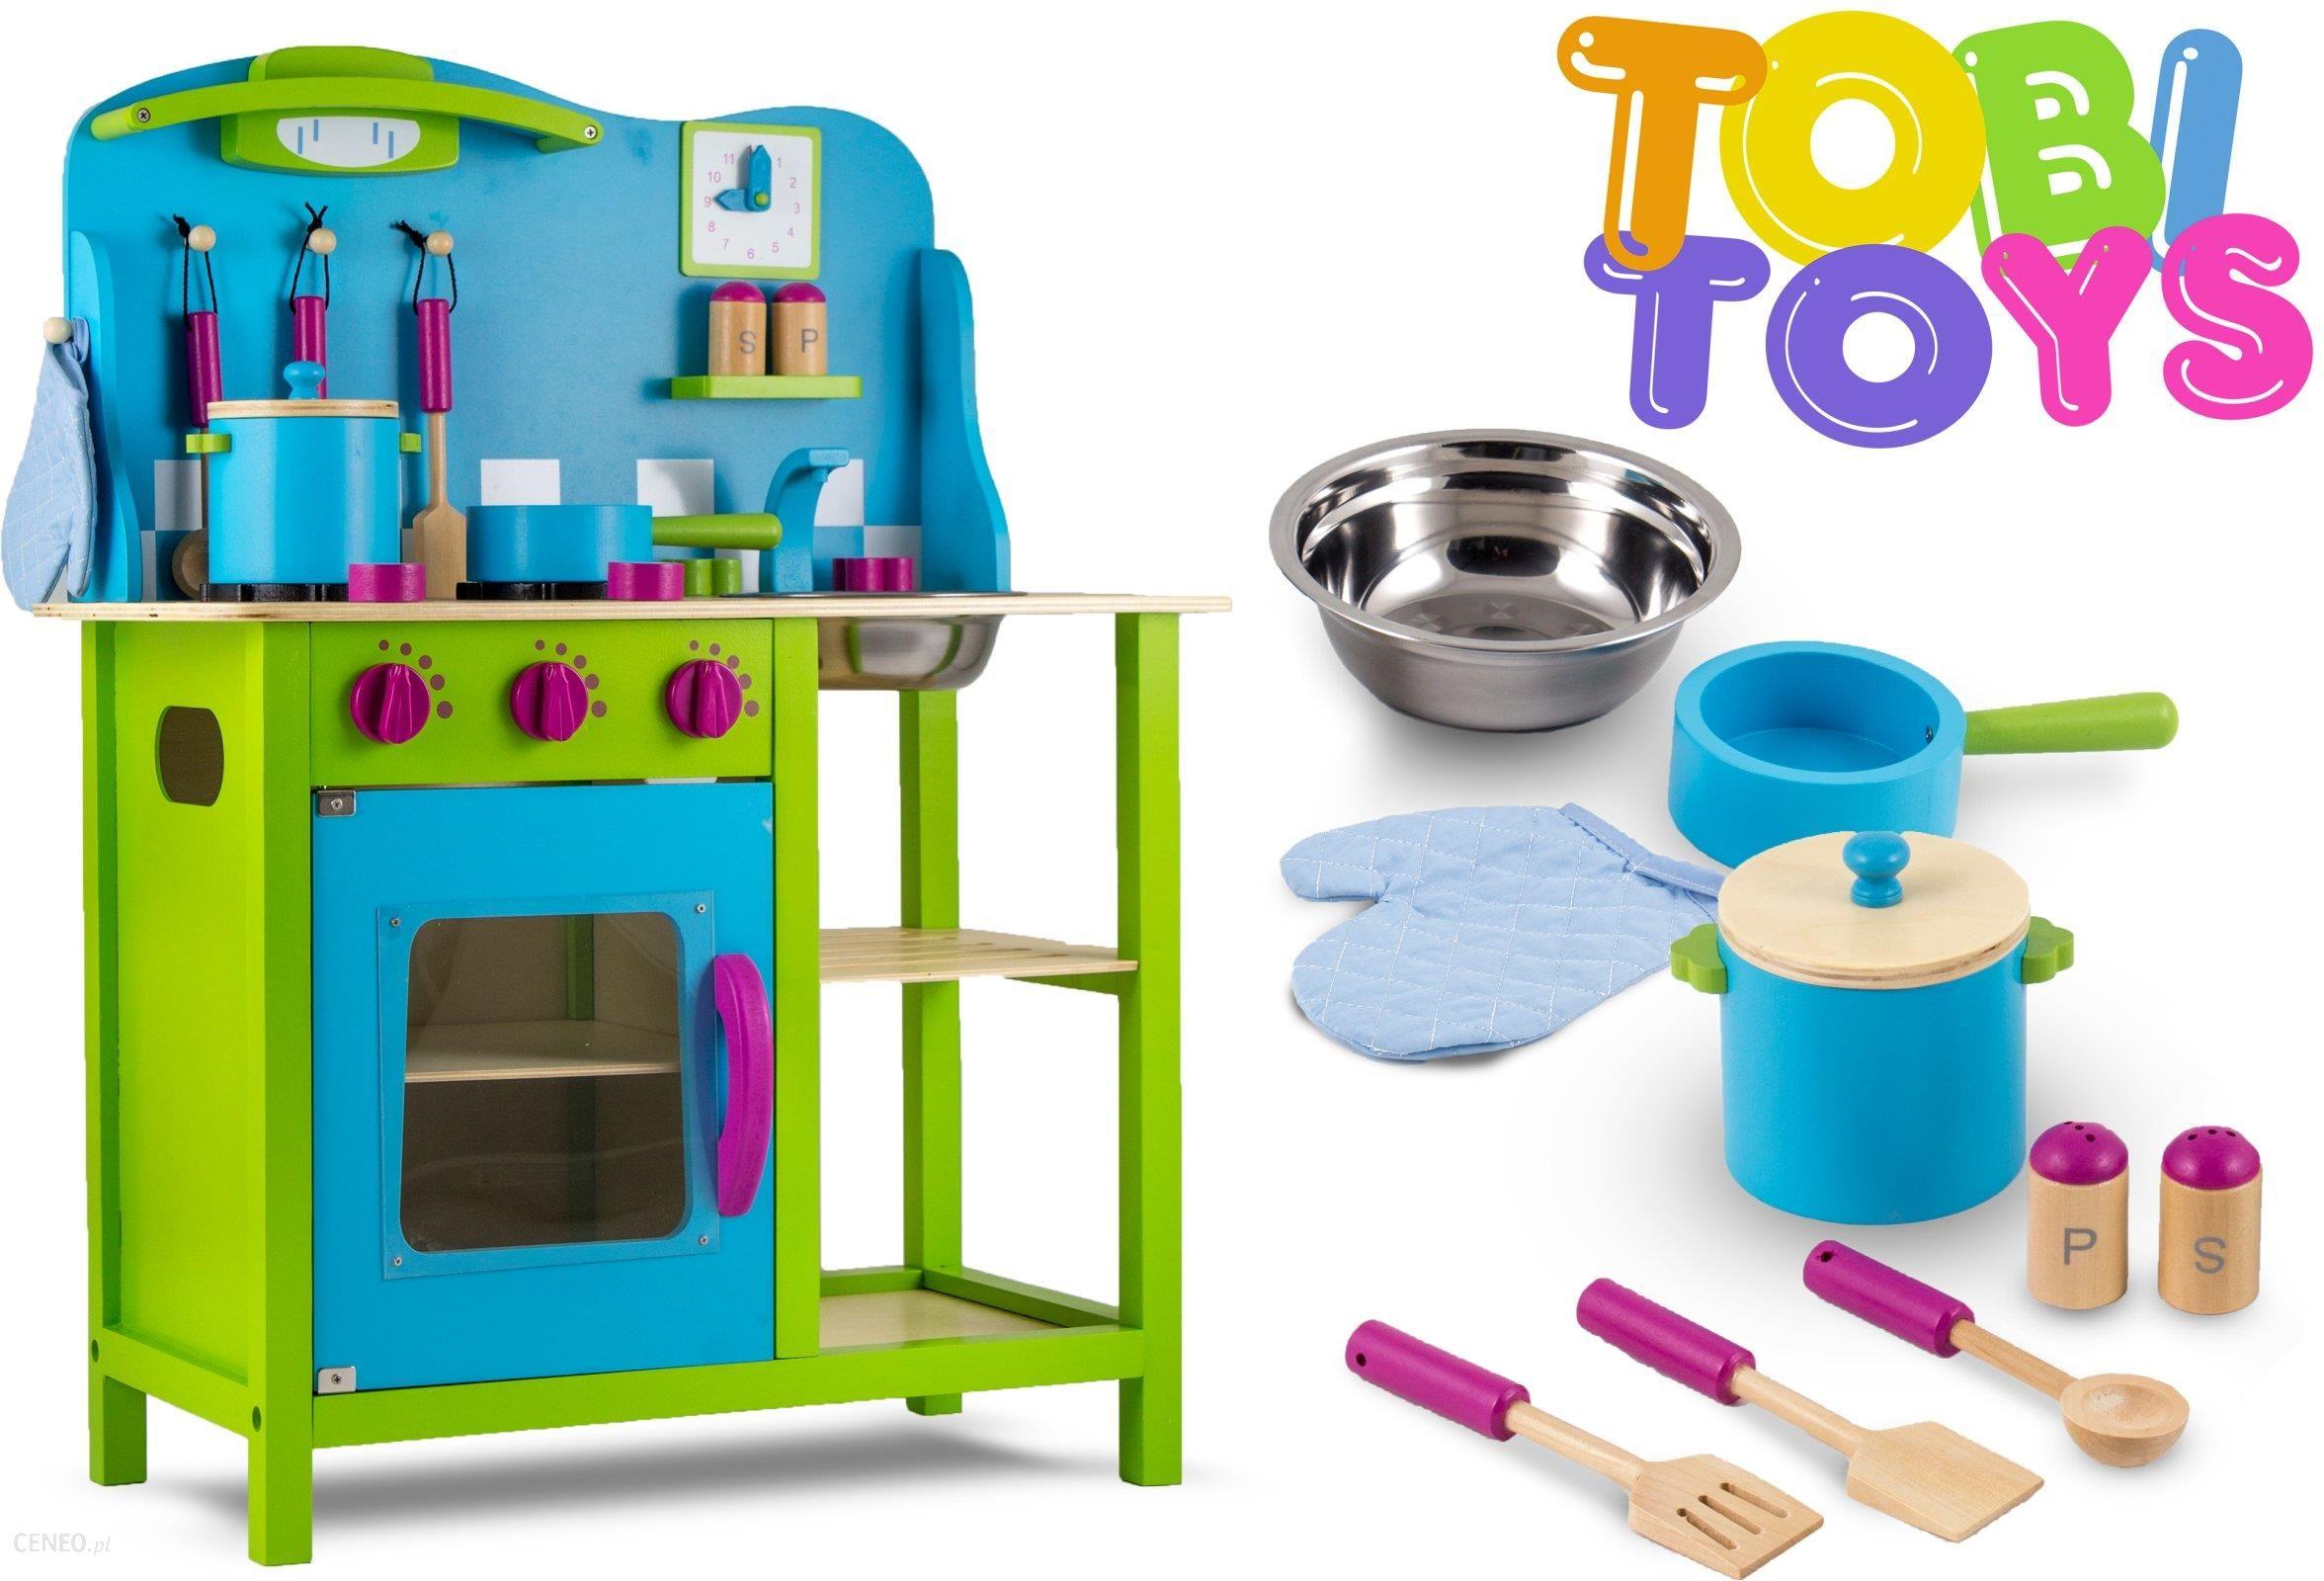 Zabawka Tobi Toys Kuchenka Drewniana Zielona W04 Ceny I Opinie Ceneopl